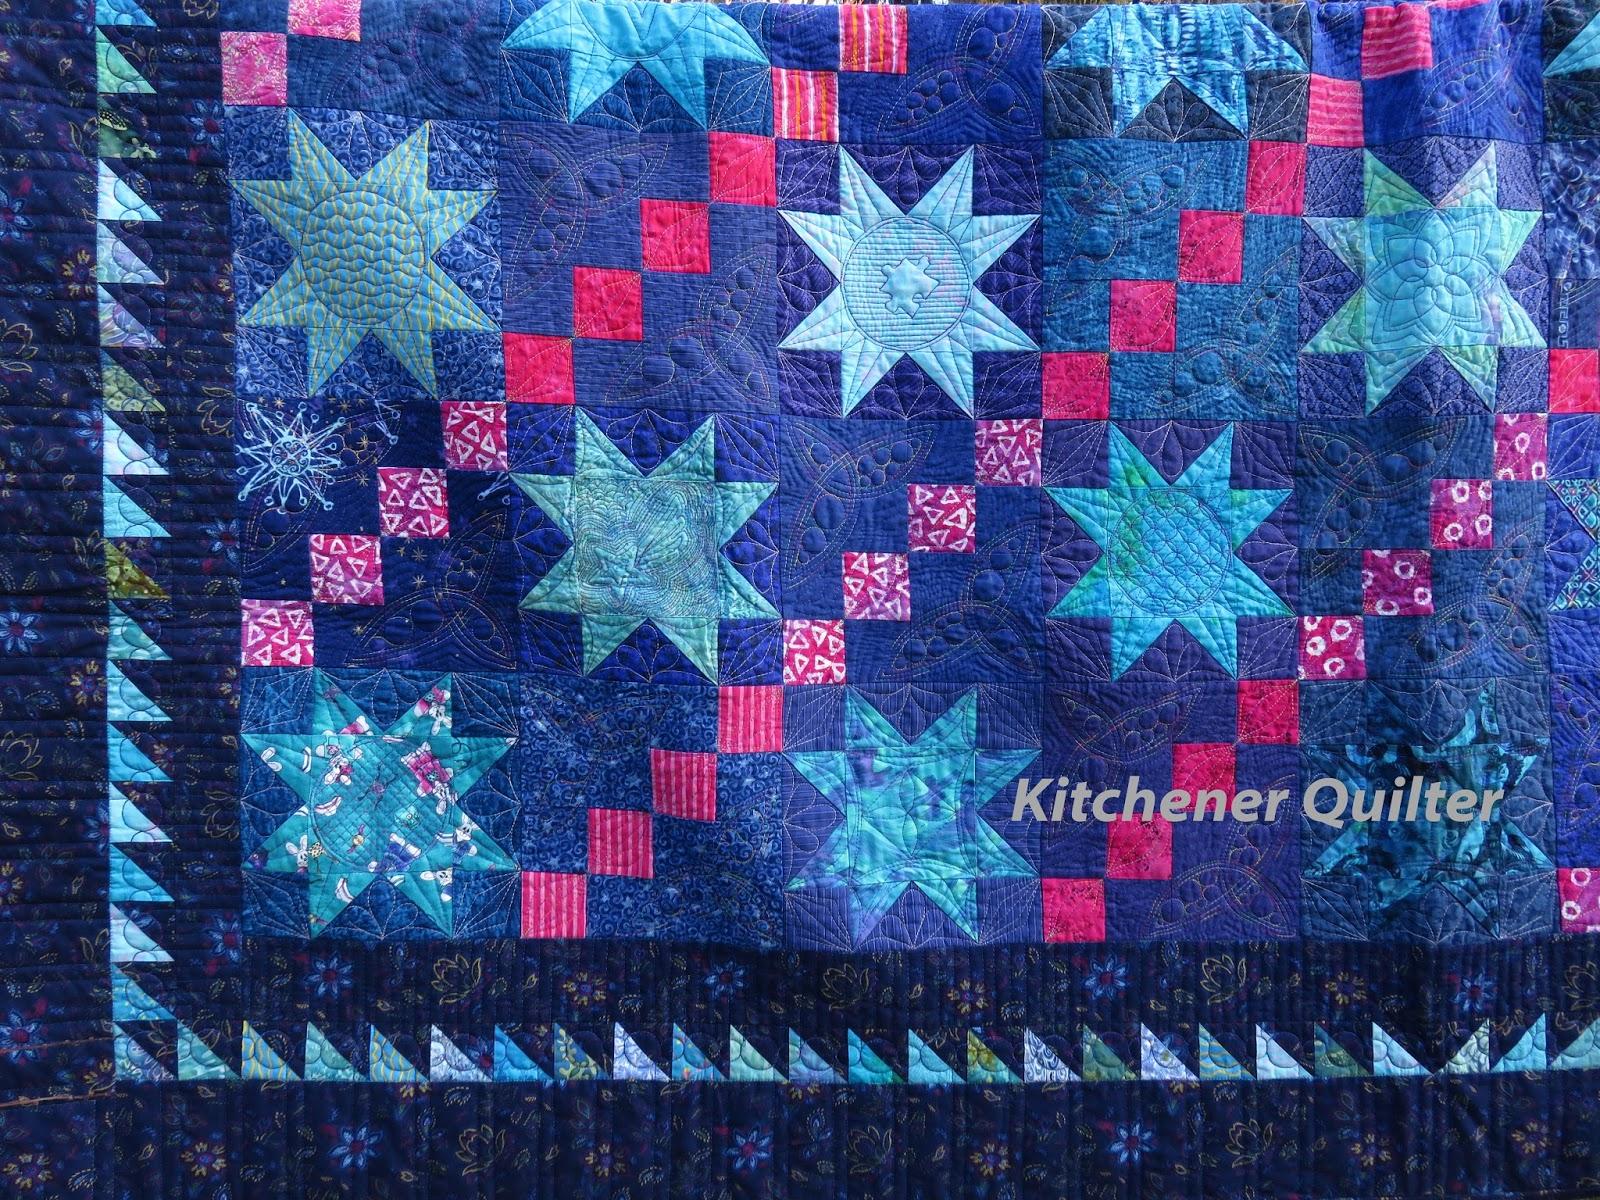 Kitchener Quilter